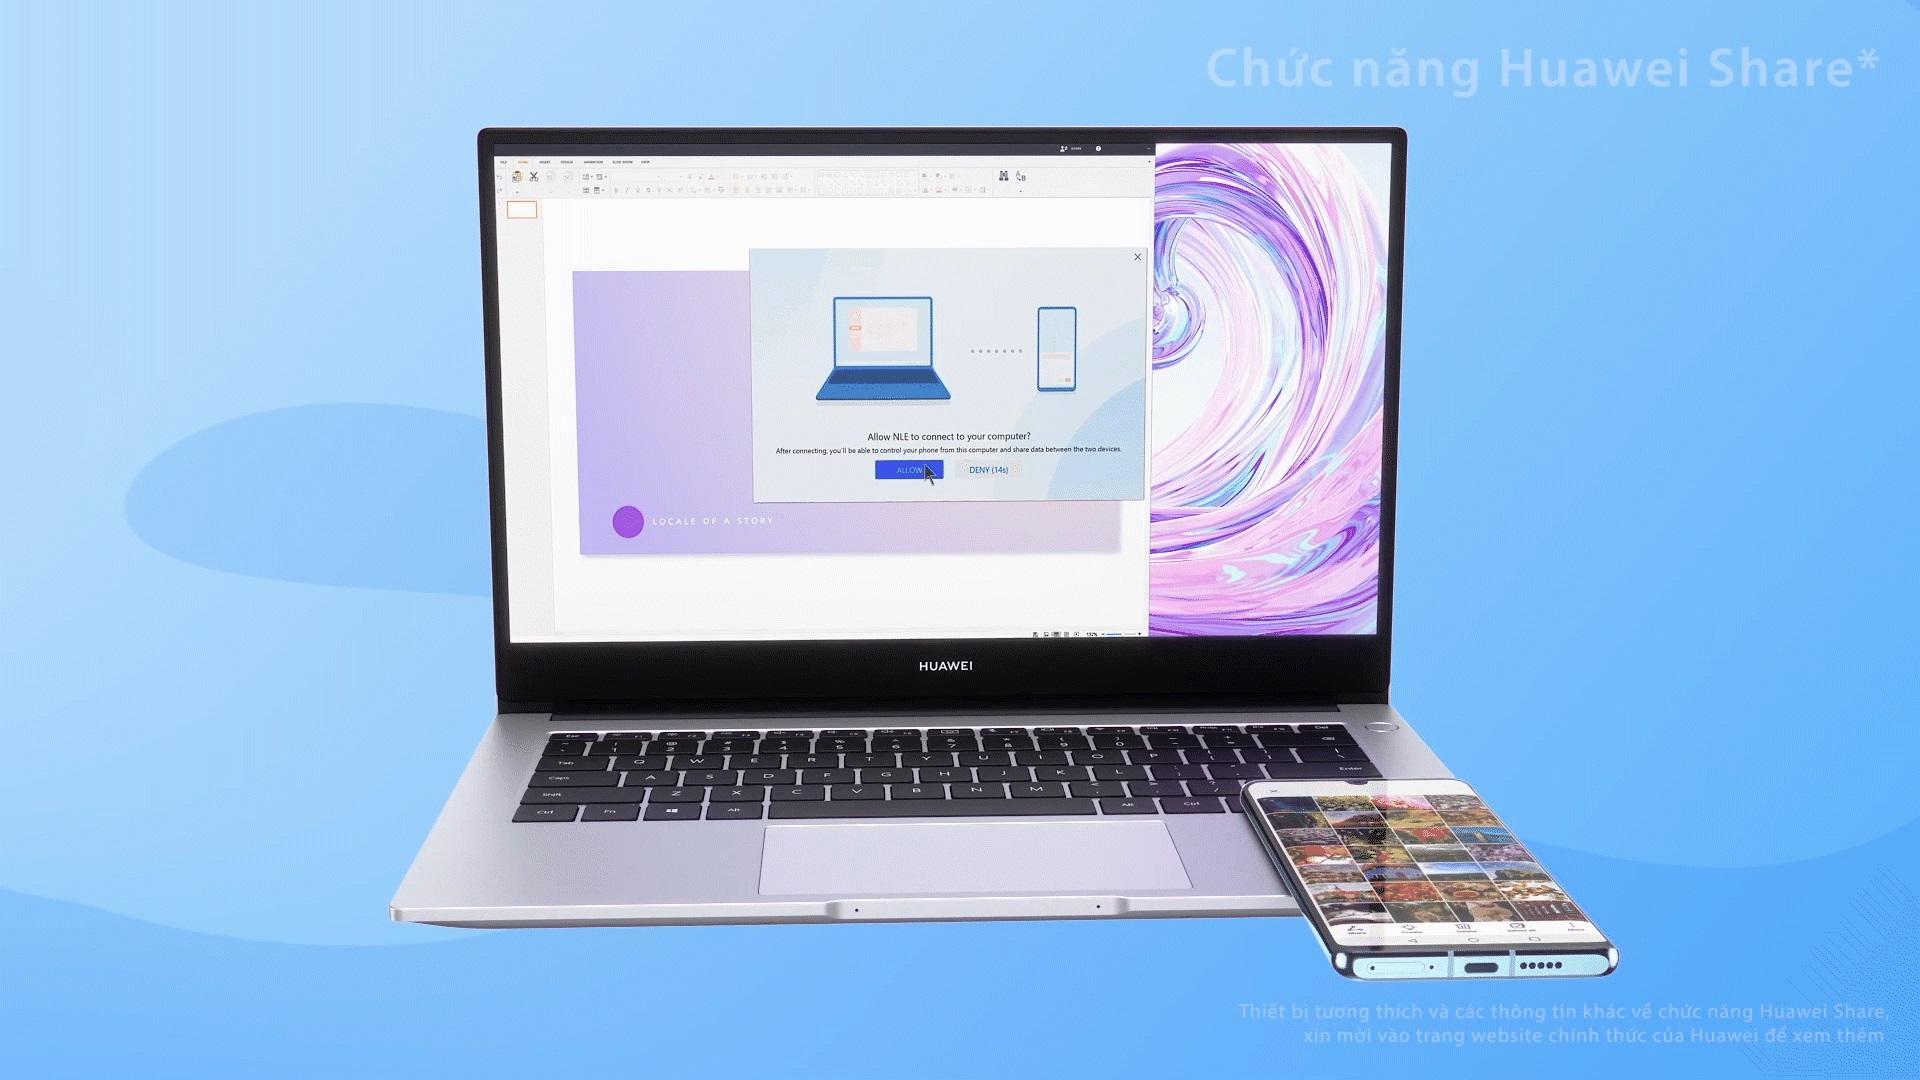 Huawei ra mắt HUAWEI MateBook D 14 tại Việt Nam, cấu hình tương đương D 15 trước đây, giá không đổi - Ảnh 3.